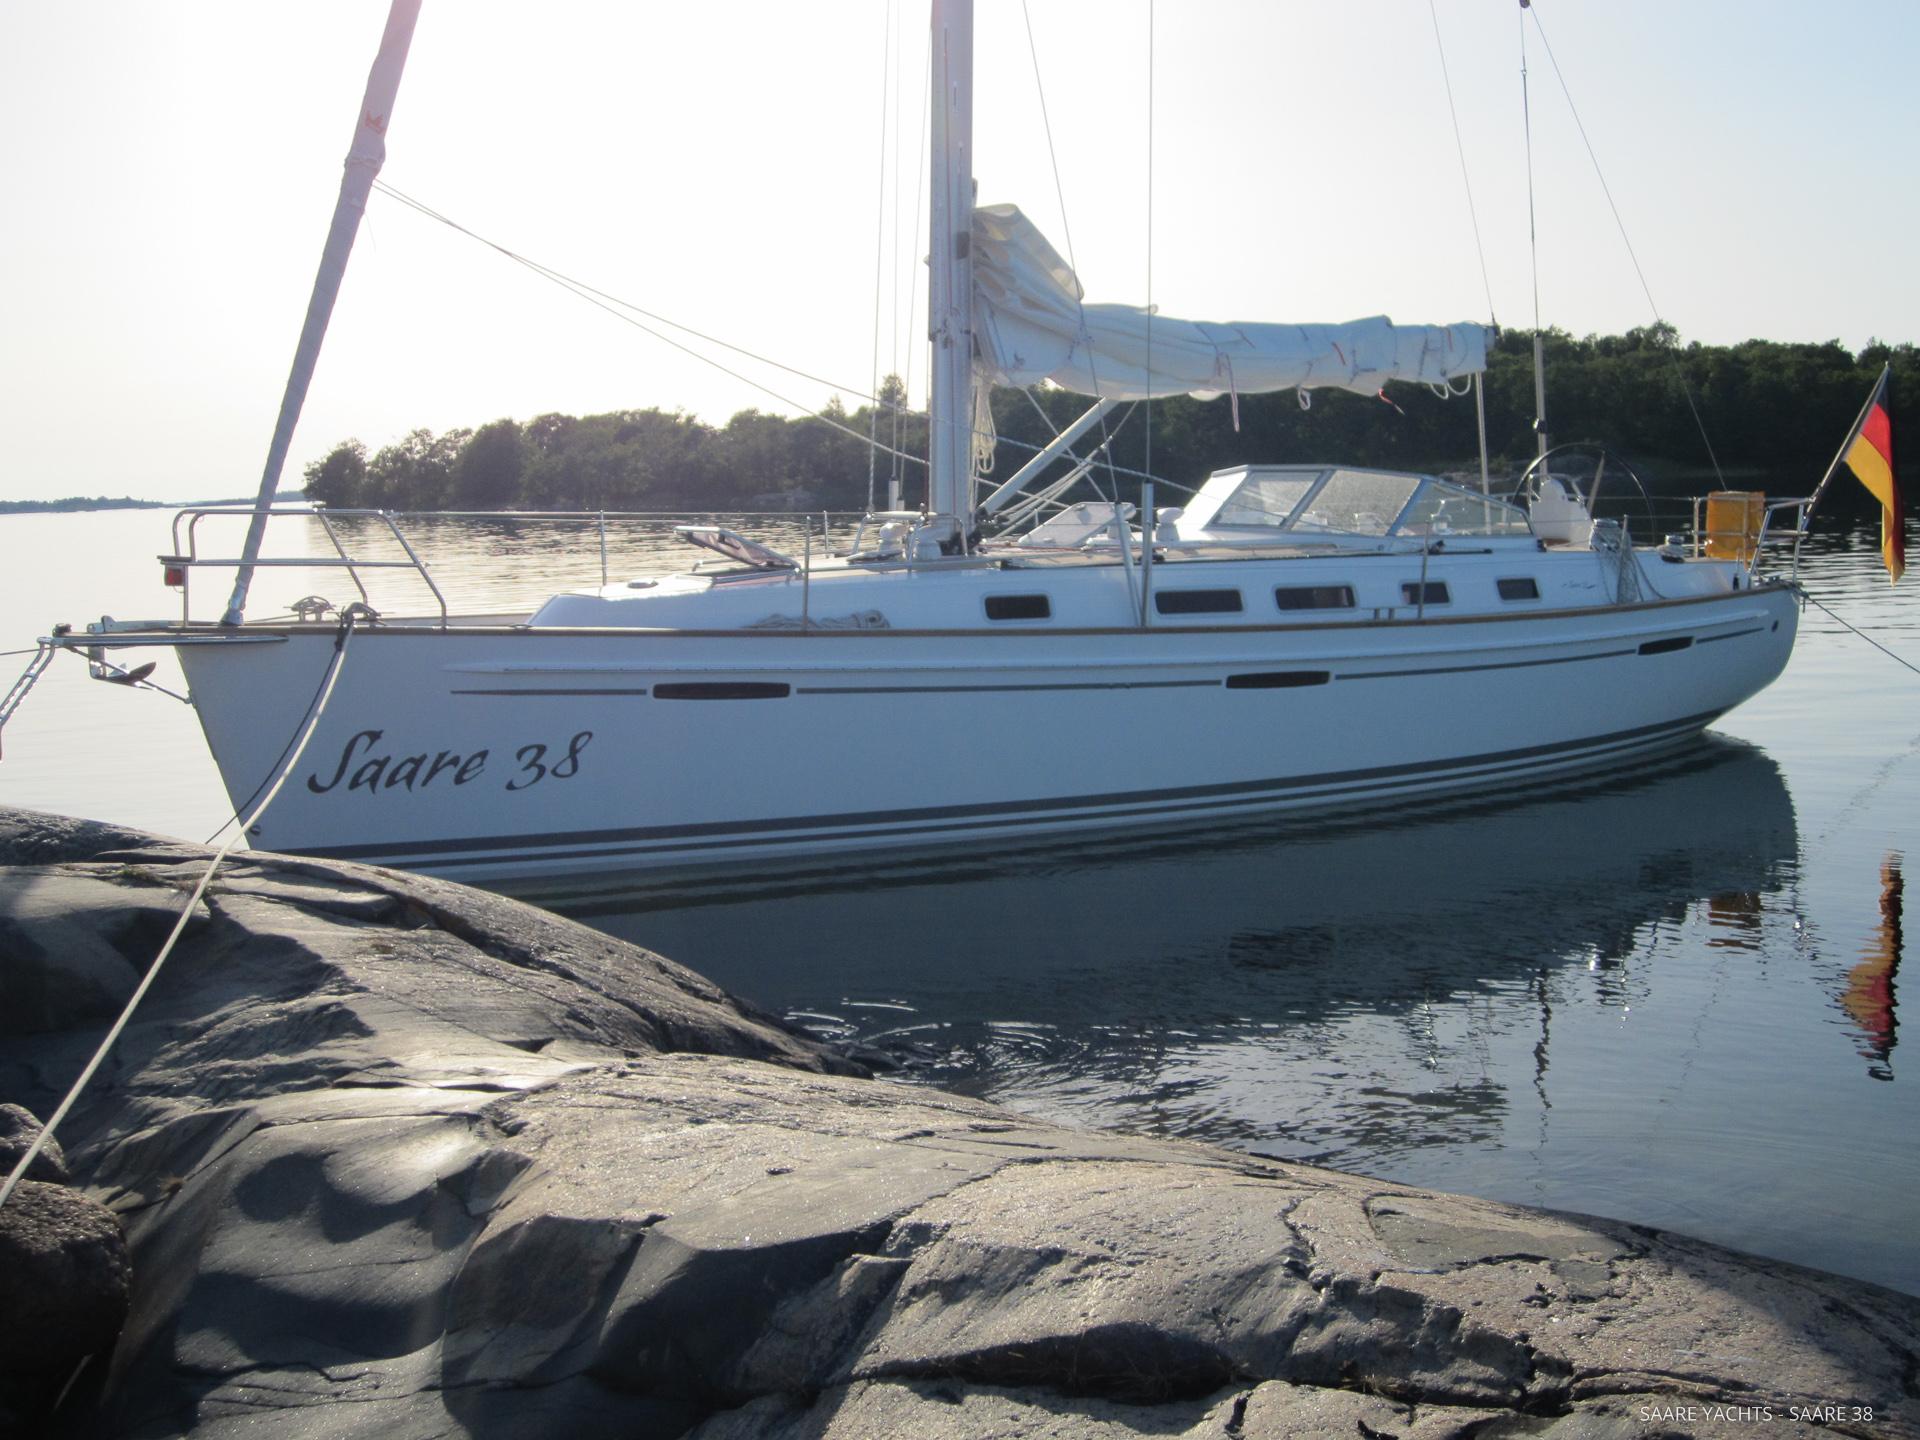 saare 38 - saare yachts